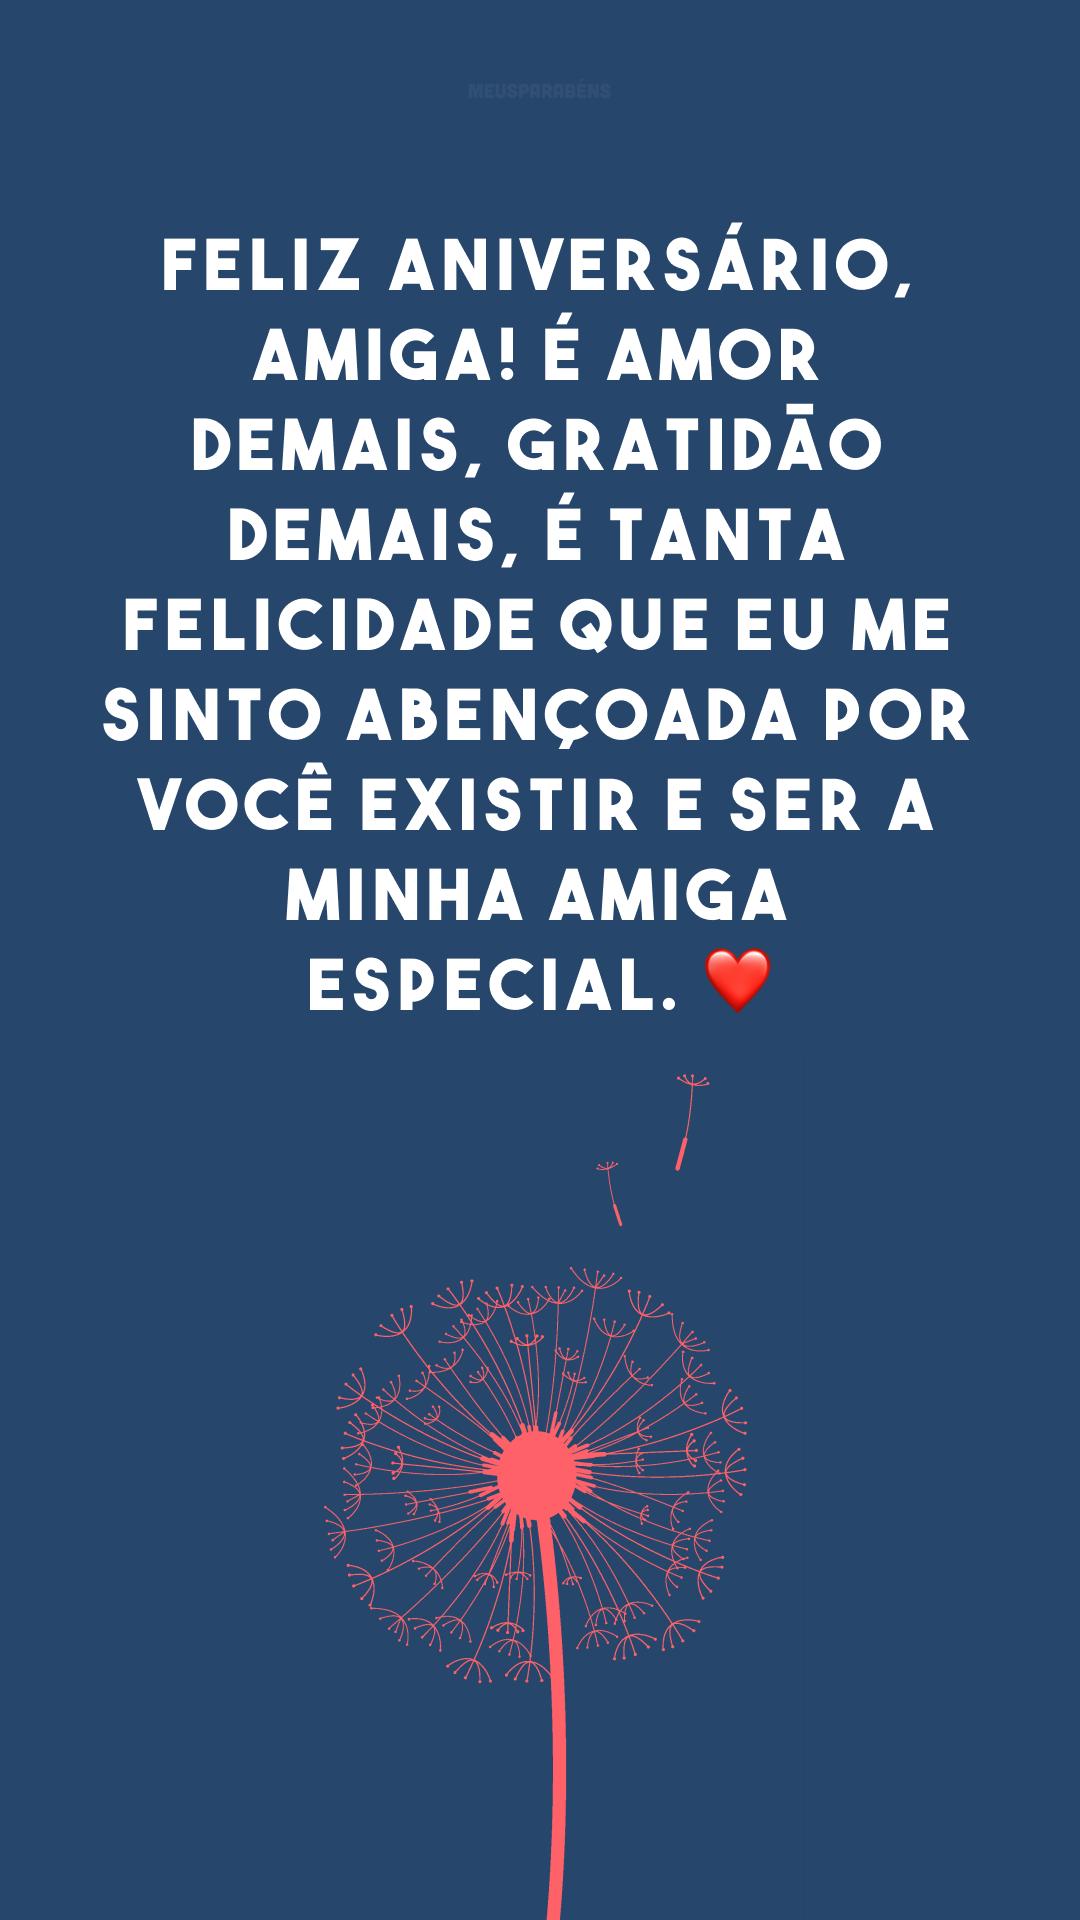 Feliz aniversário, amiga! É amor demais, gratidão demais, é tanta felicidade que eu me sinto abençoada por você existir e ser a minha amiga especial. ❤